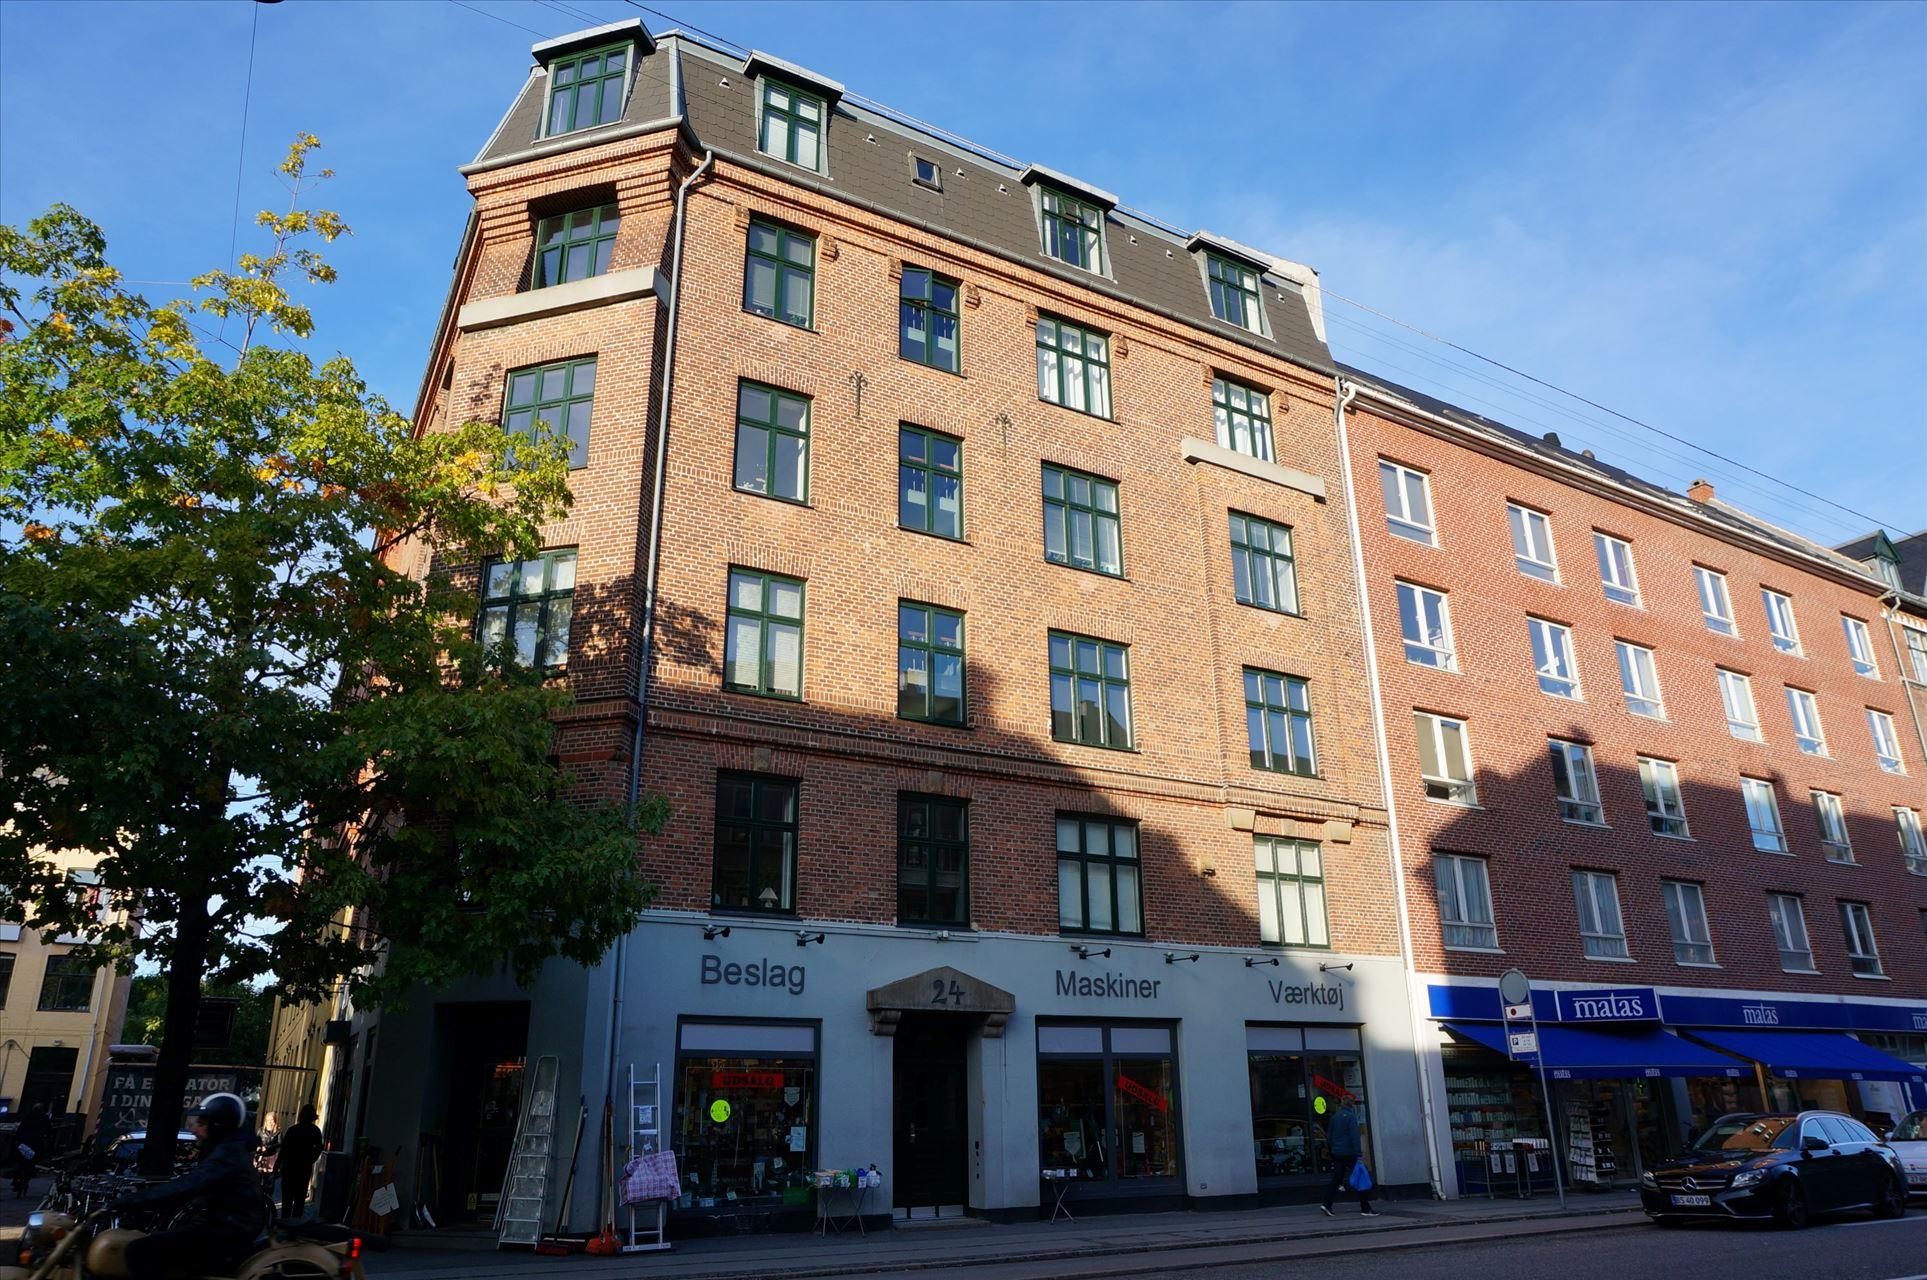 191 m² butik på Godthåbsvej